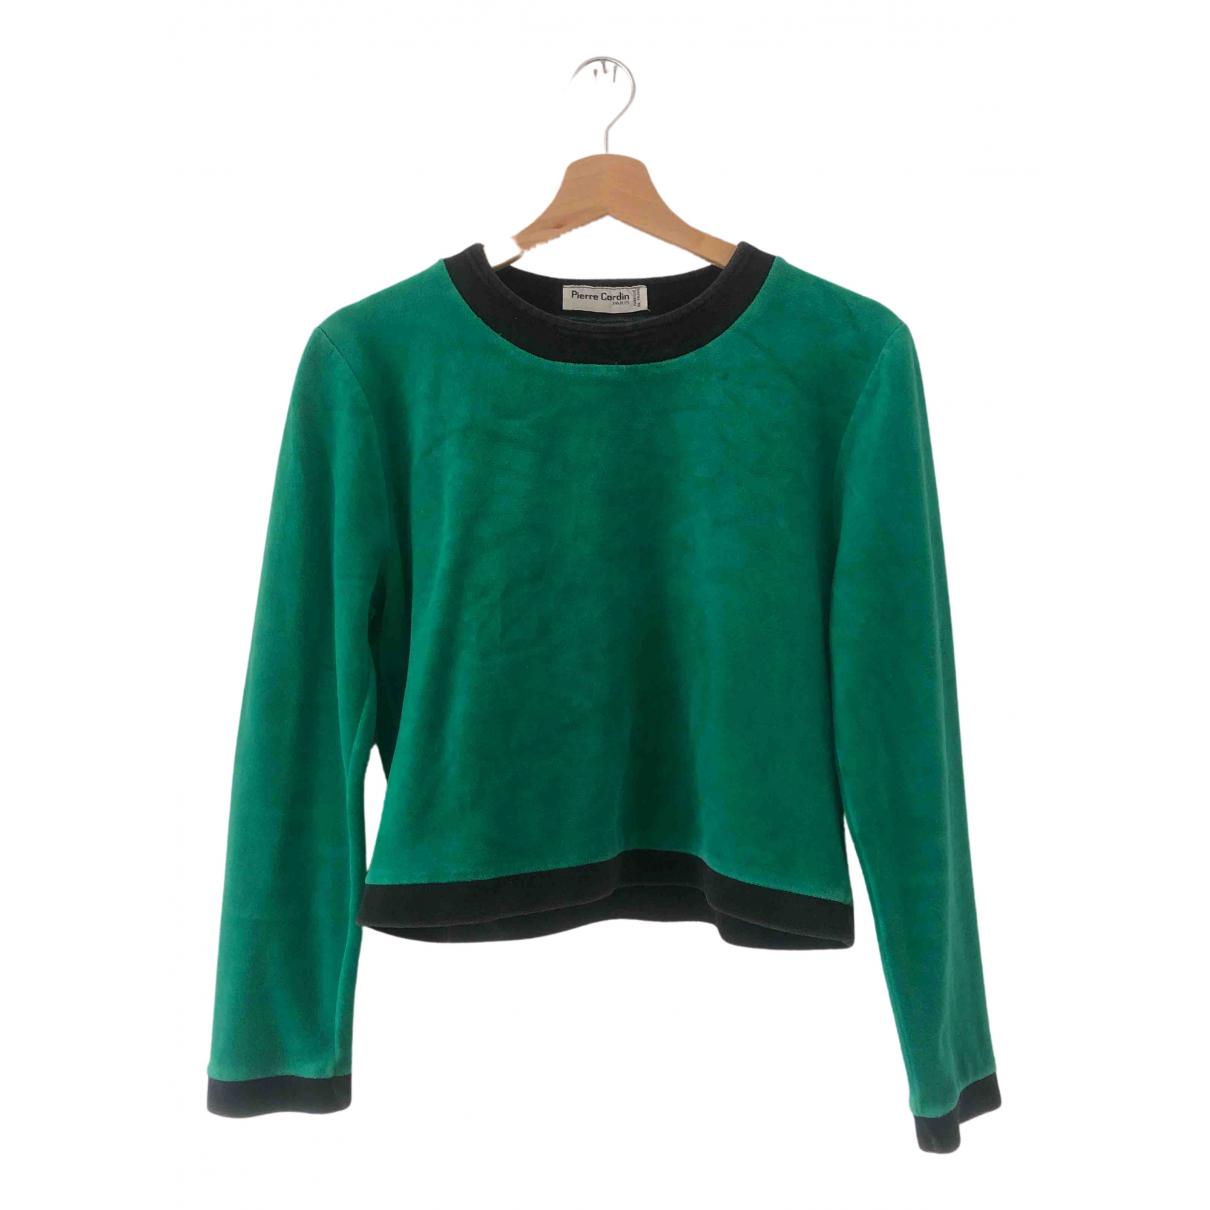 Pierre Cardin N Green Cotton Knitwear for Women 36 FR